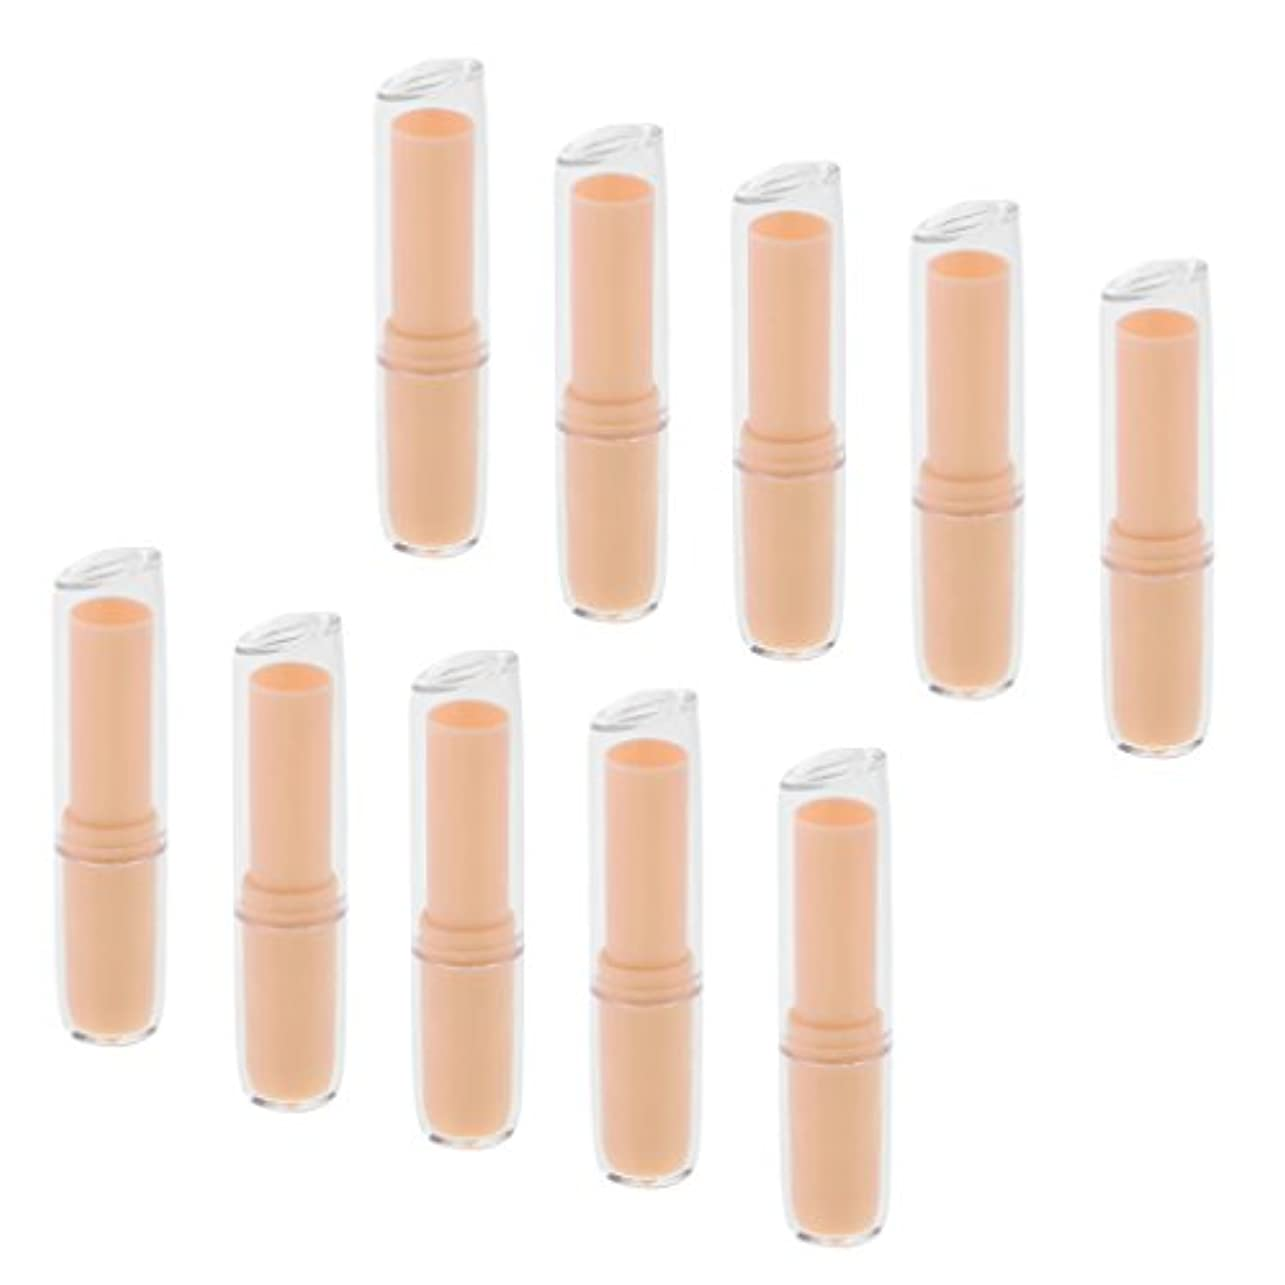 剛性手配する誘惑する10個の空の口紅チューブリップクリーム容器DIY化粧品メイクアップツール - オレンジ